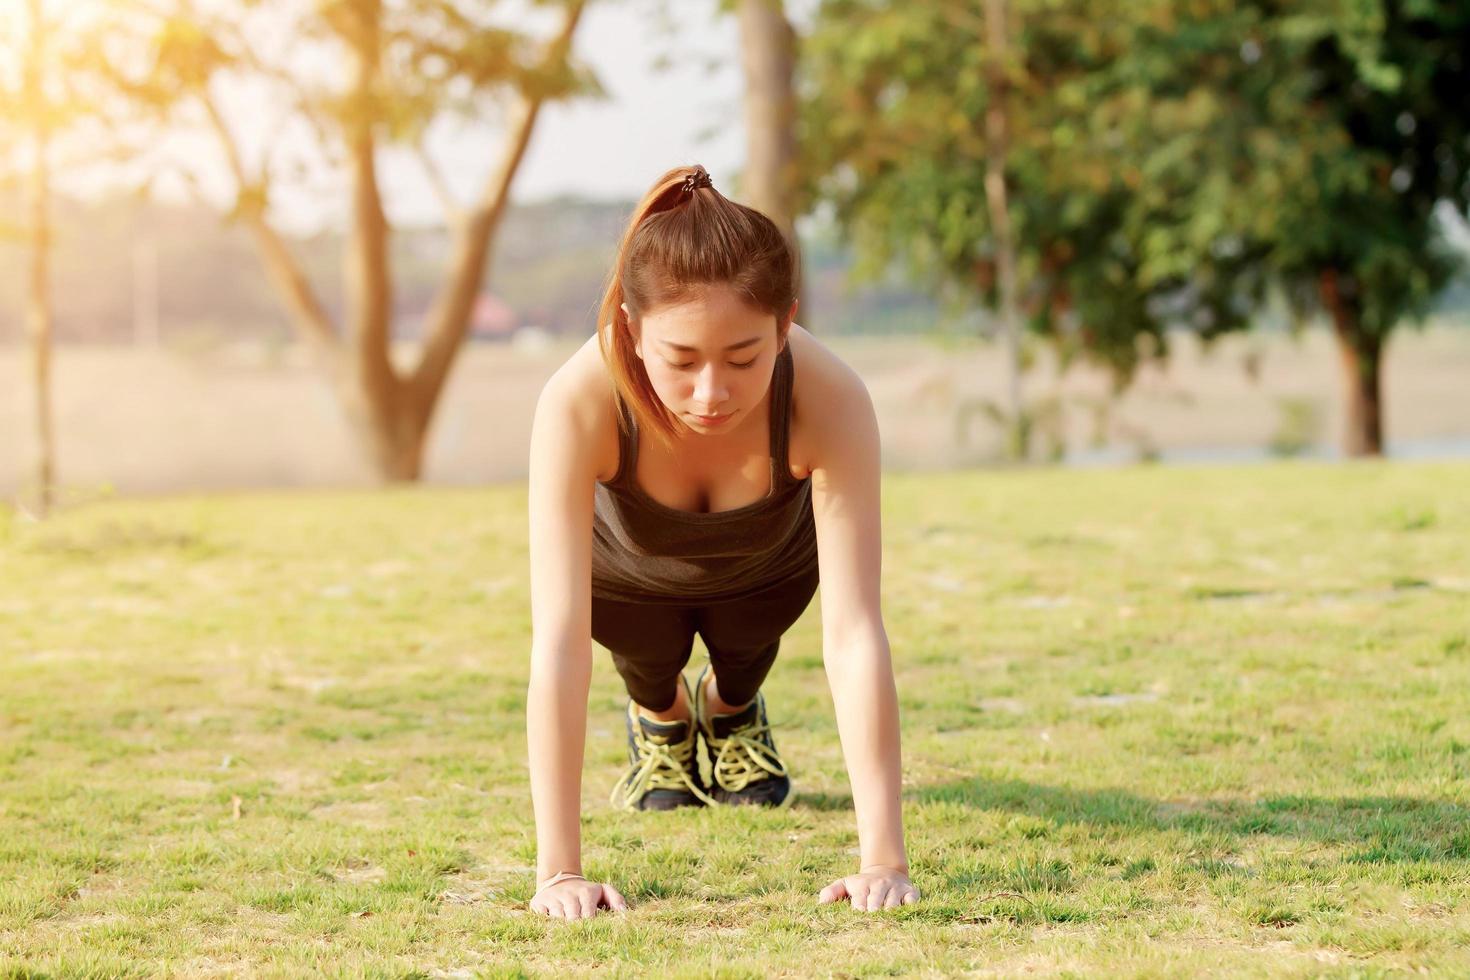 sportliche Frau, die in Plankenposition aufwärmt foto